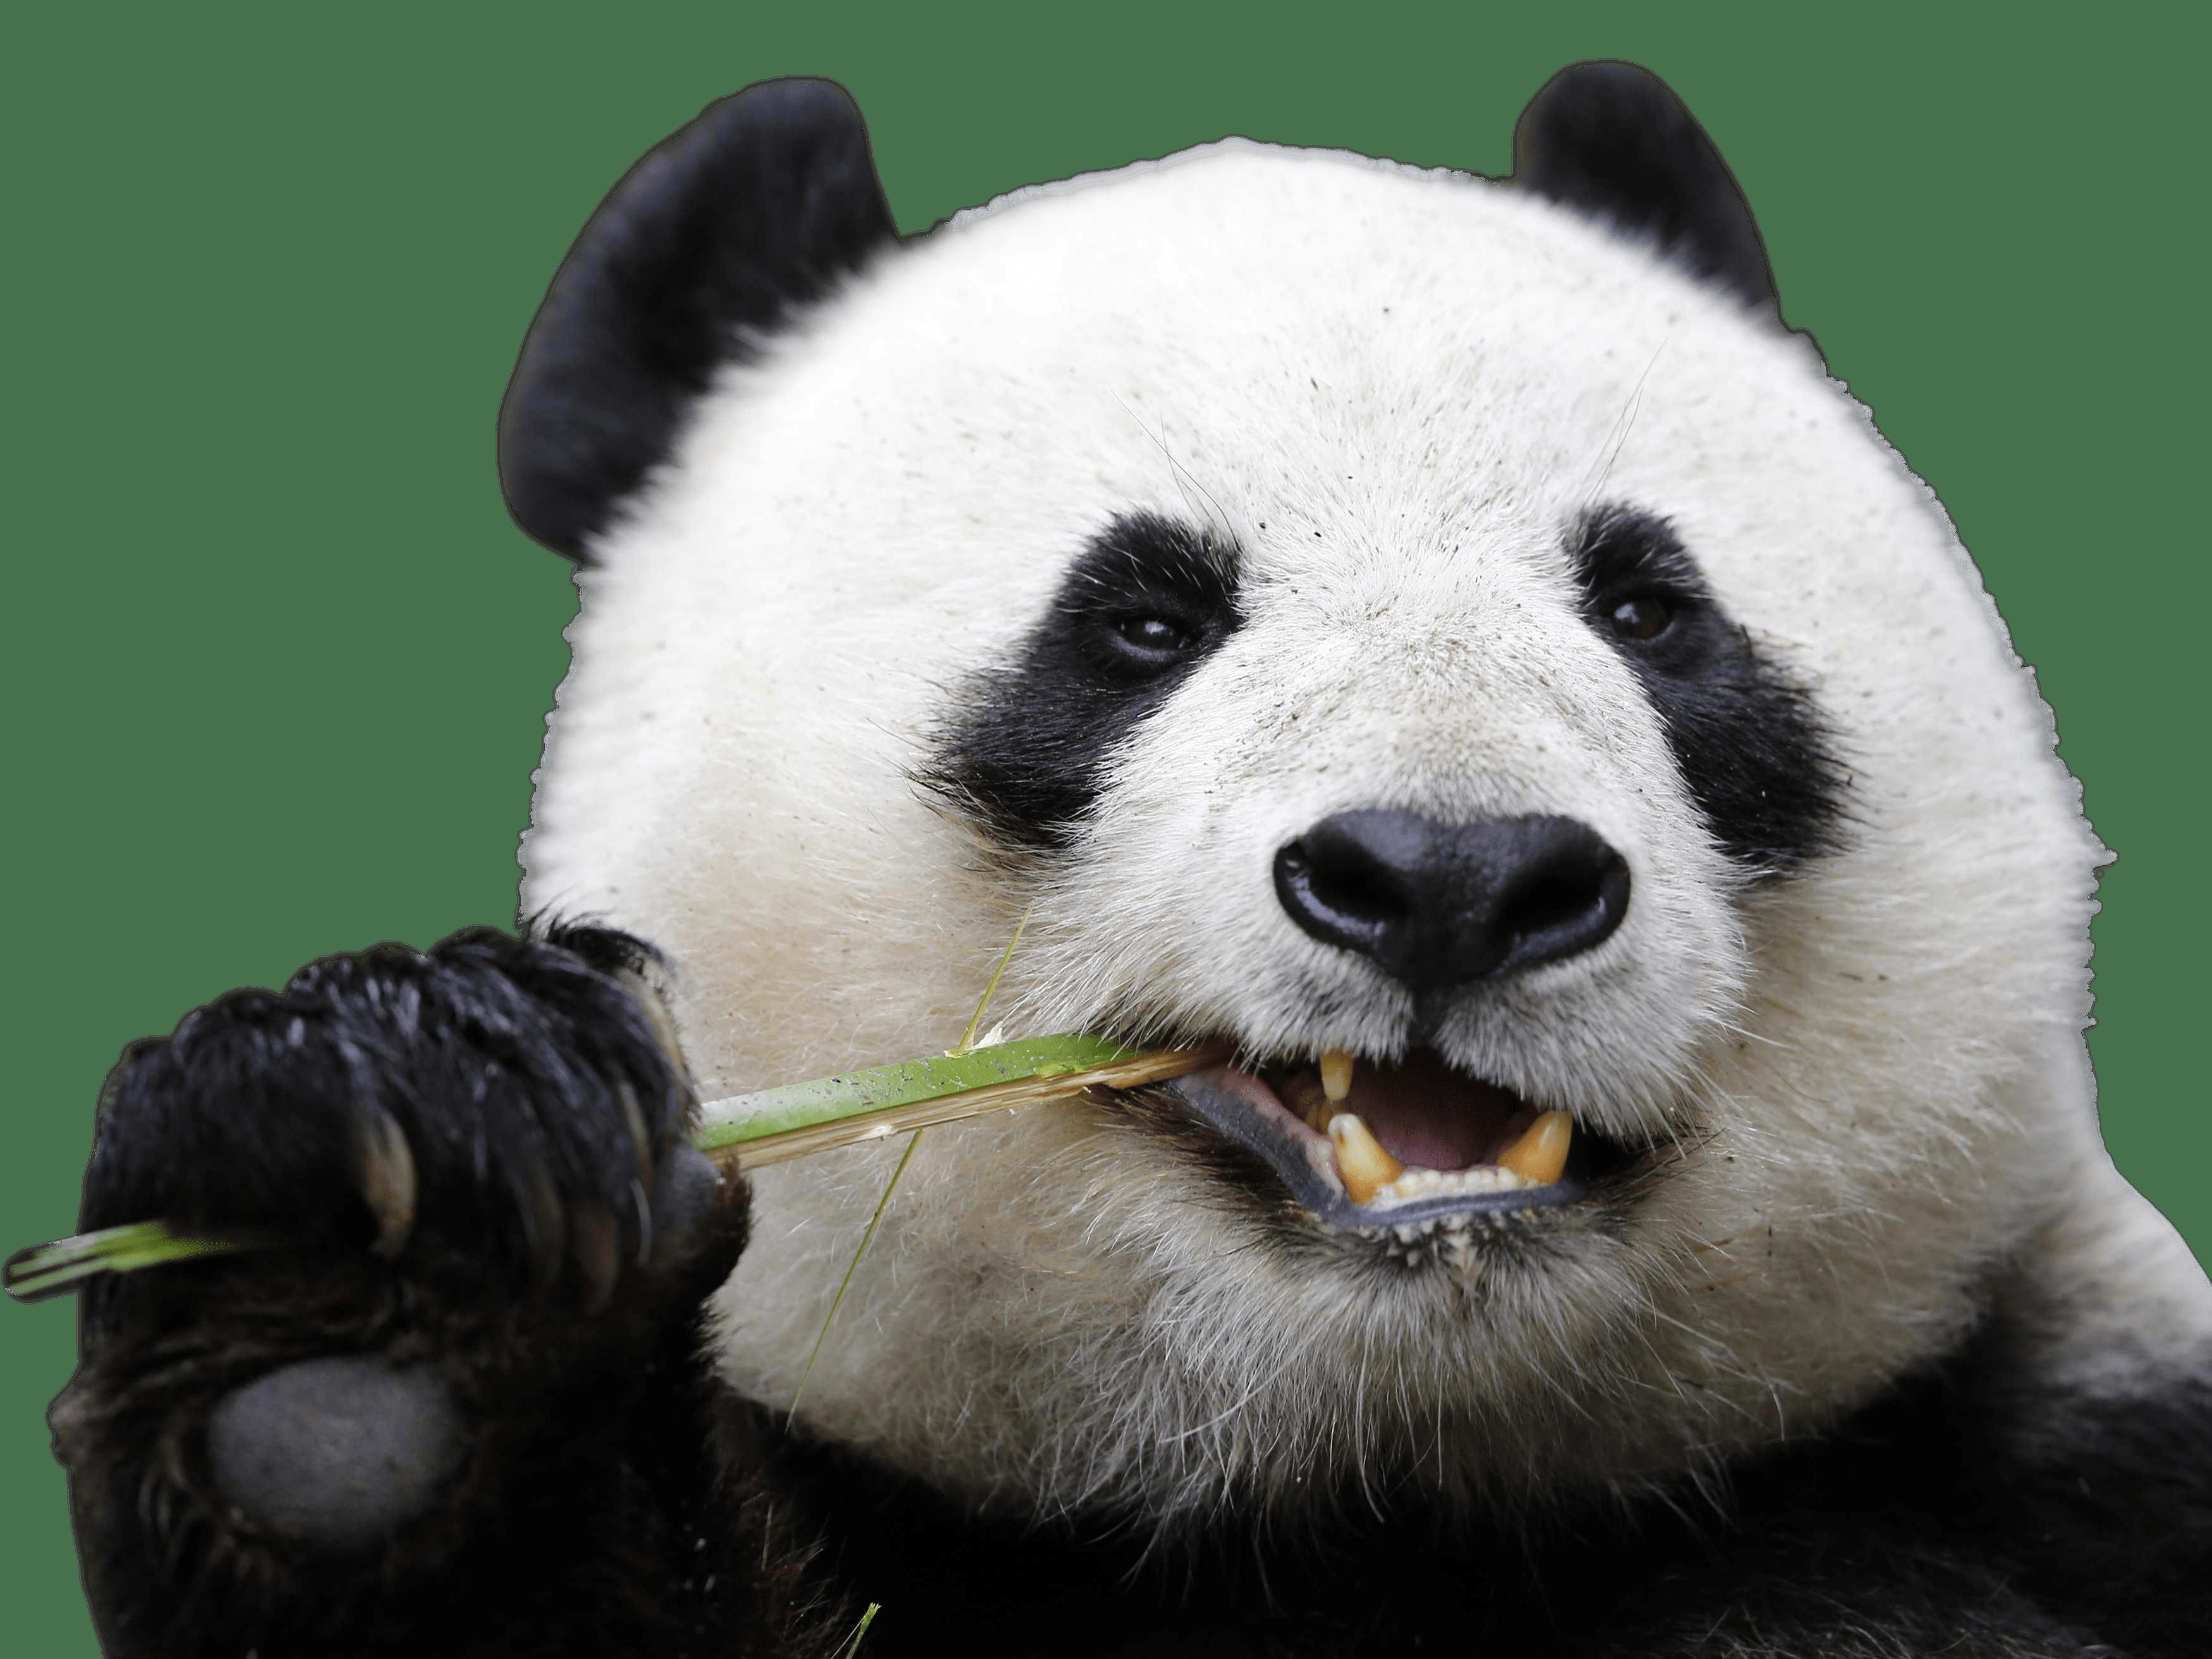 PNG Panda - 73319